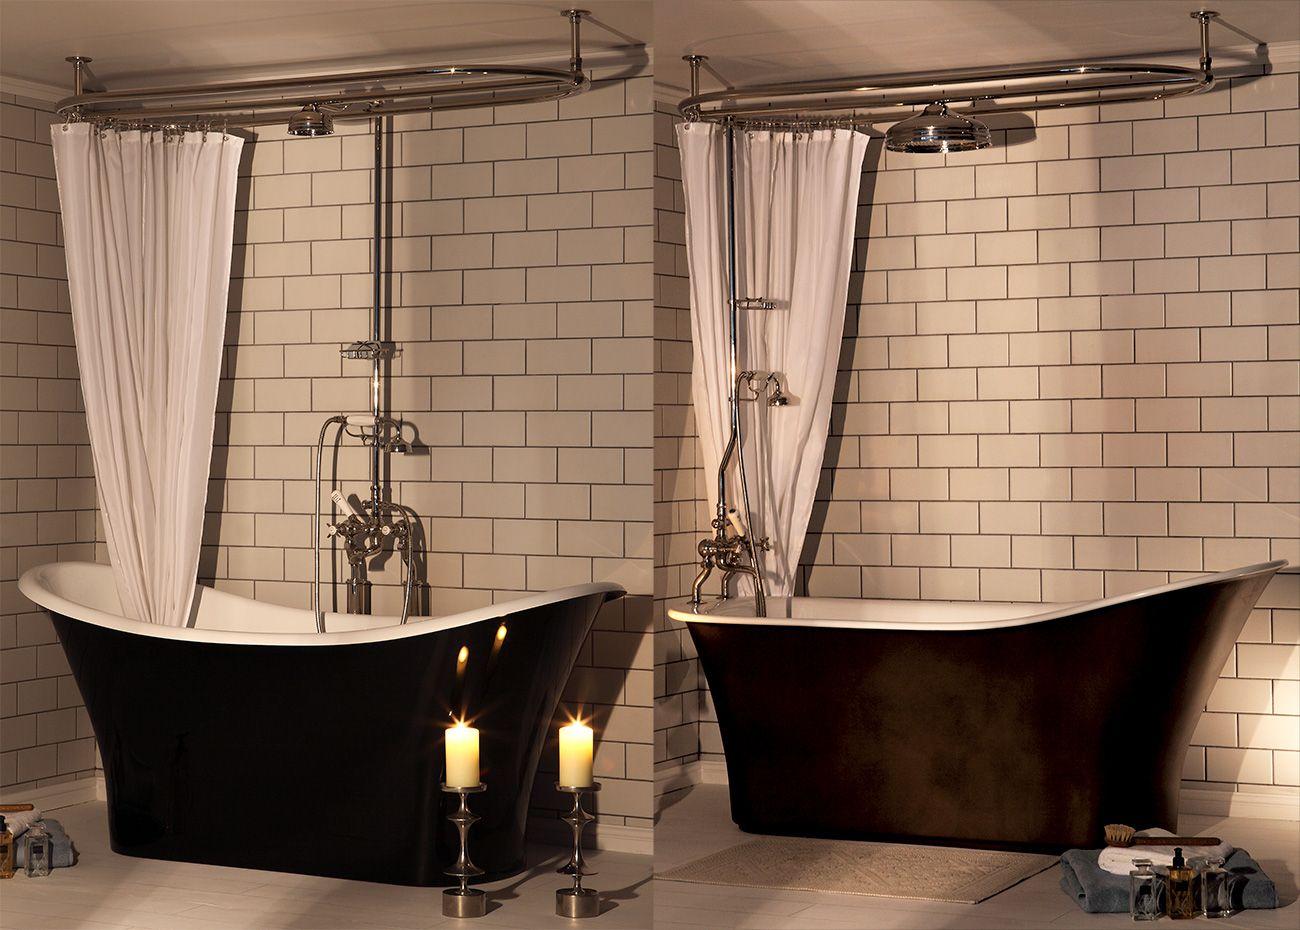 Badkamer douche gordijn stang vaarwel douchegordijn dit